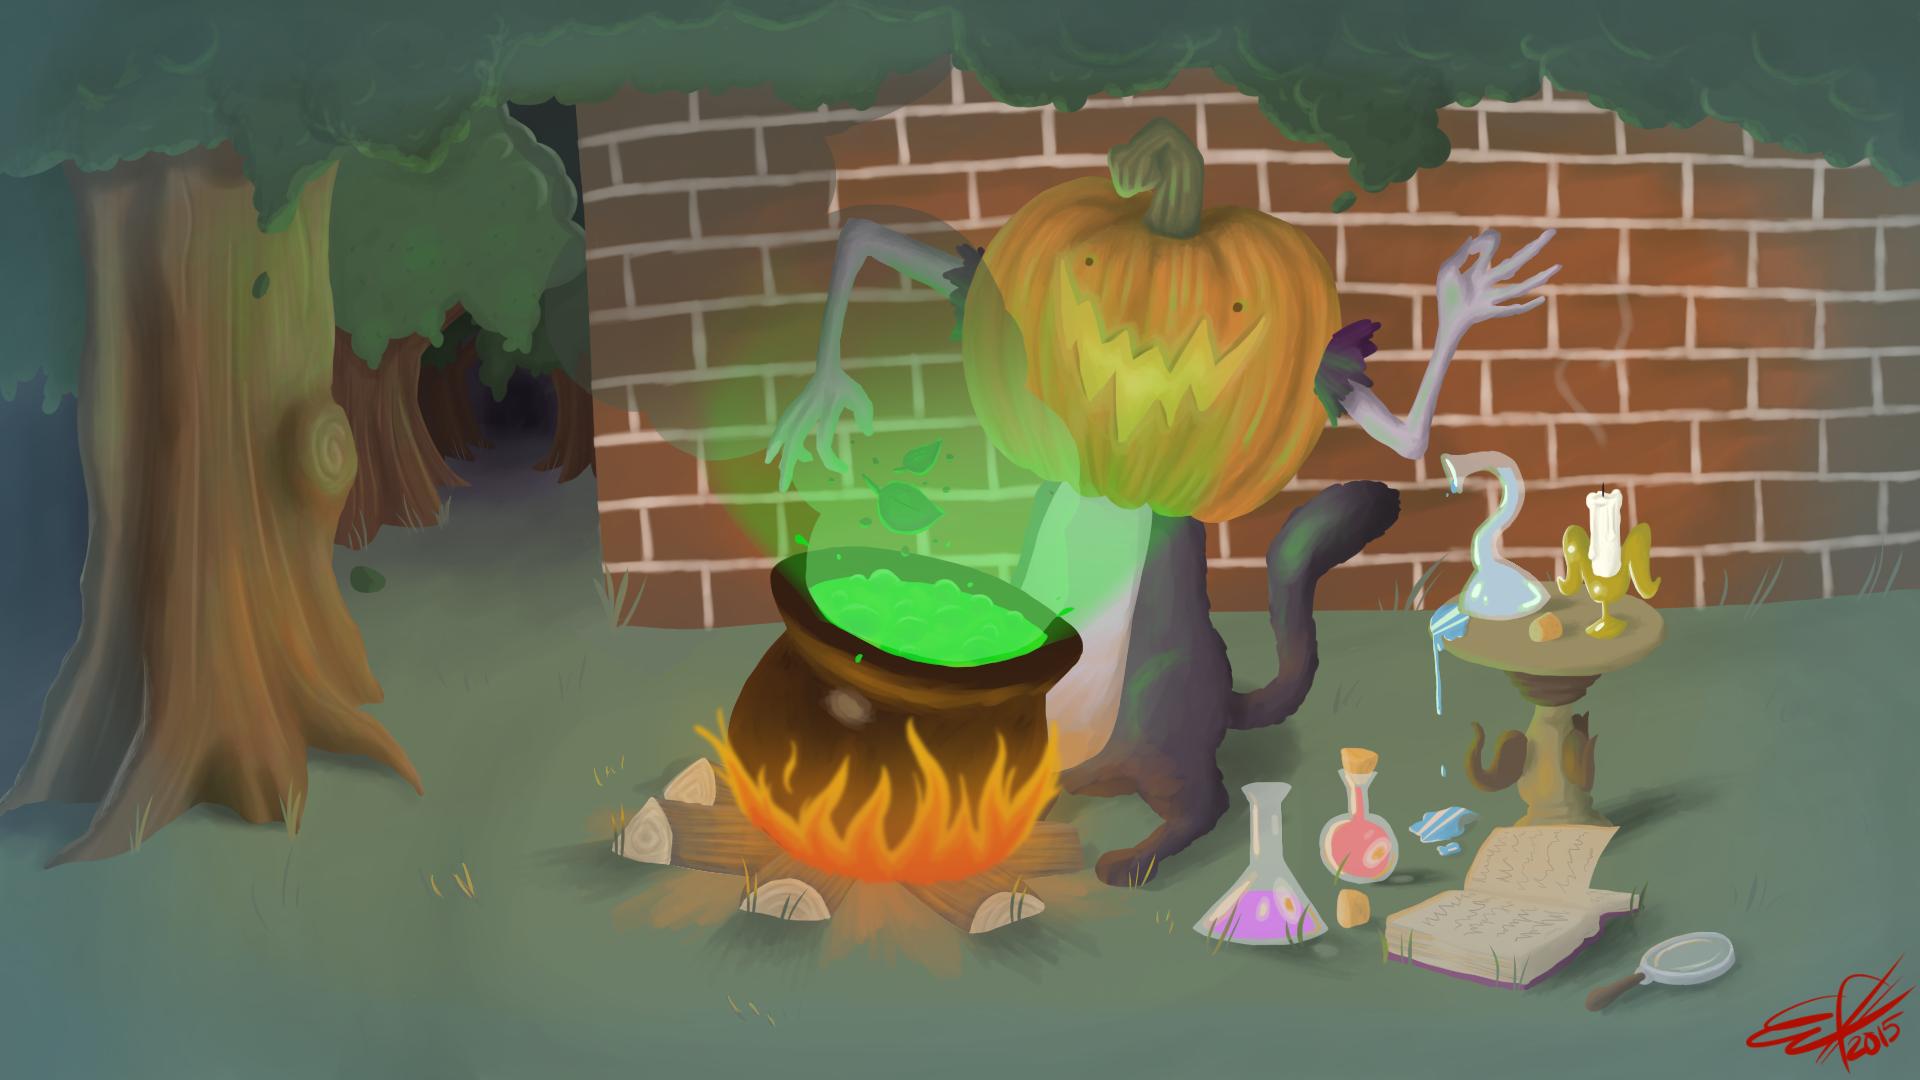 Pumpkin Alchemist